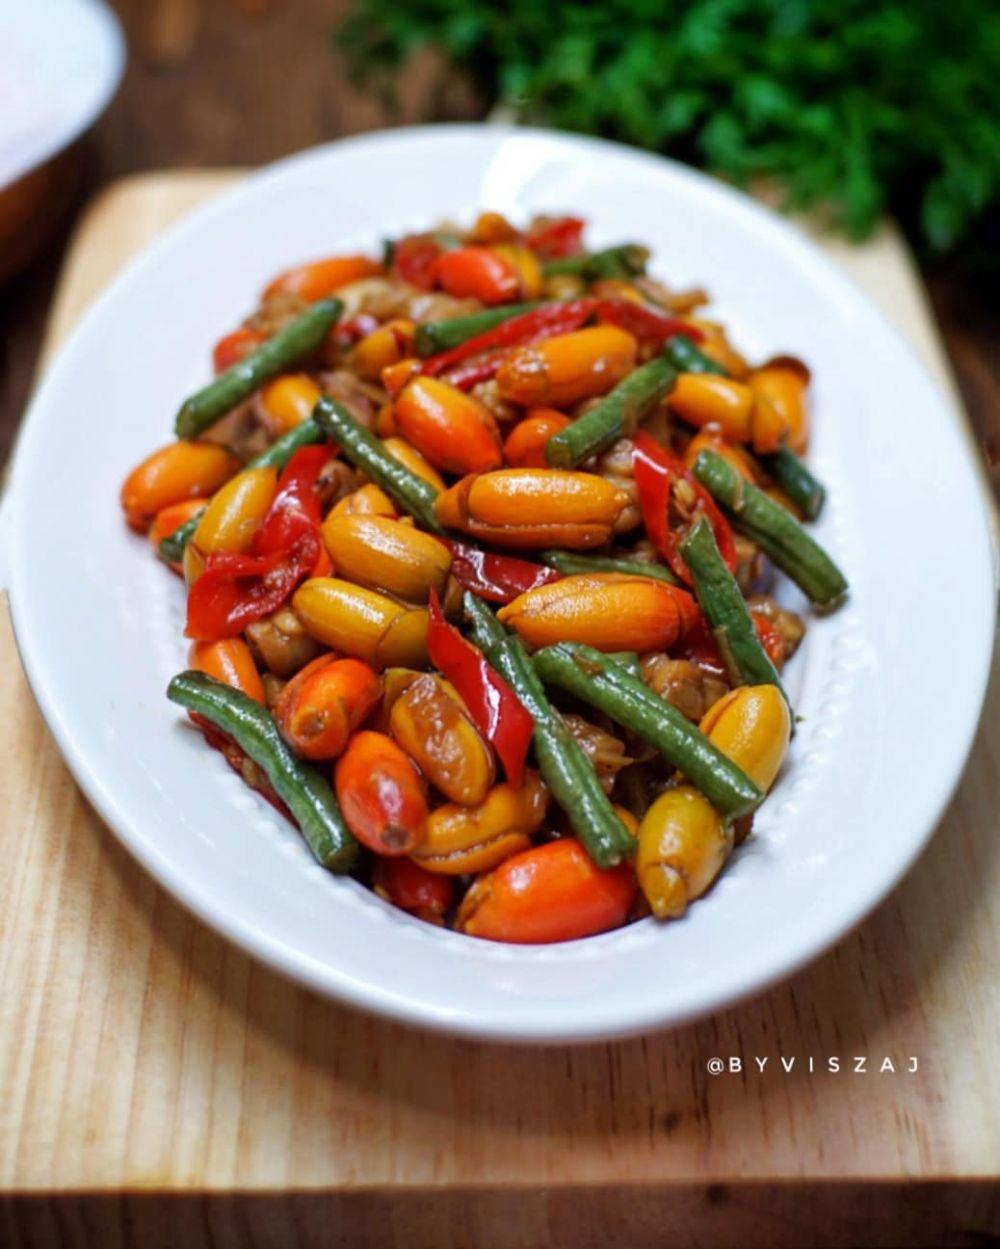 resep tumis sayur campur berbagai sumber